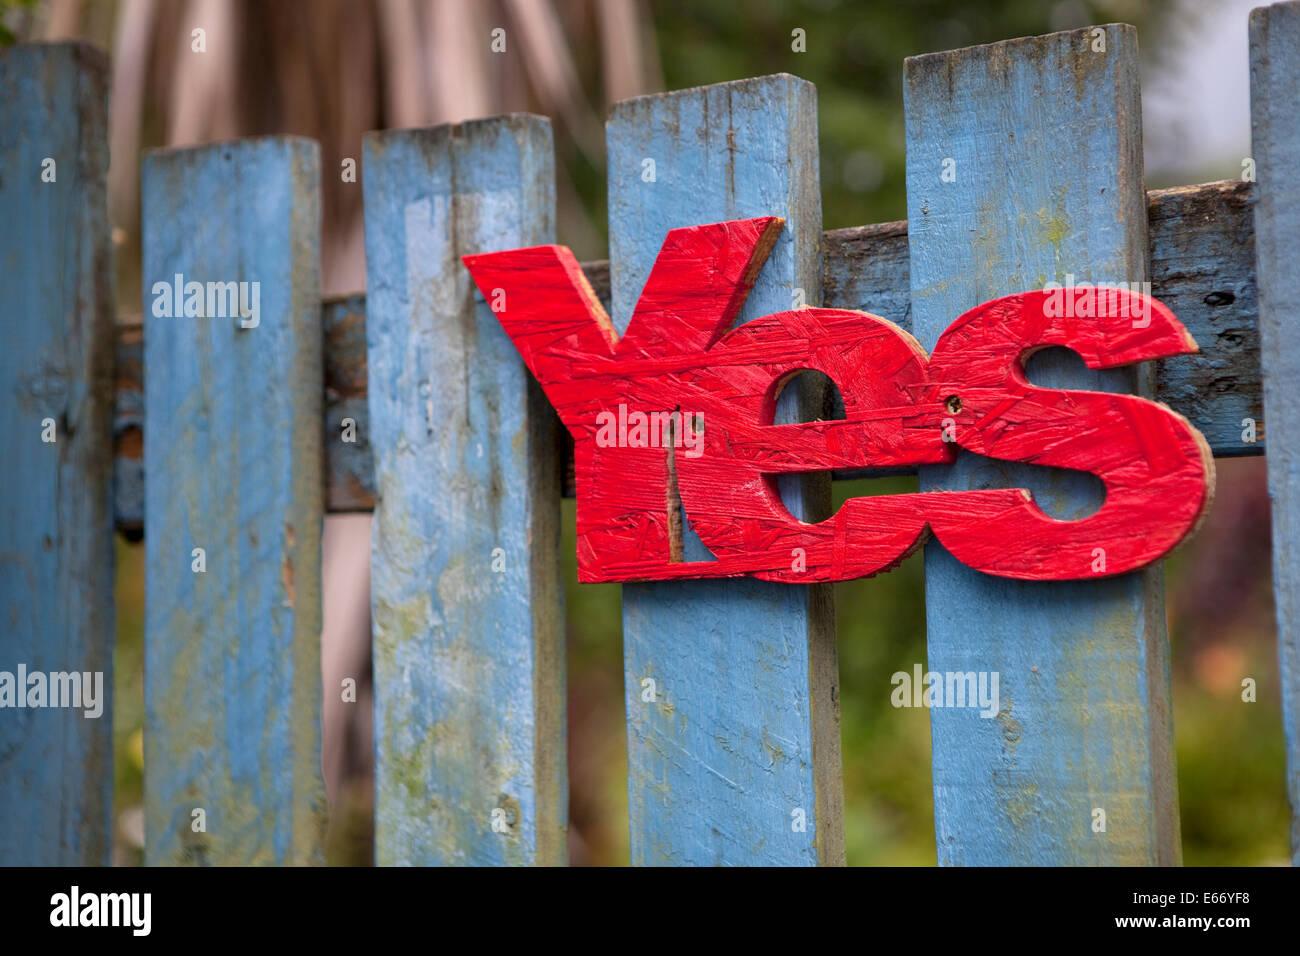 Rojo 'yes' clavado en una puerta de madera azul en Escocia en apoyo de la independencia de Escocia en 2014. Imagen De Stock